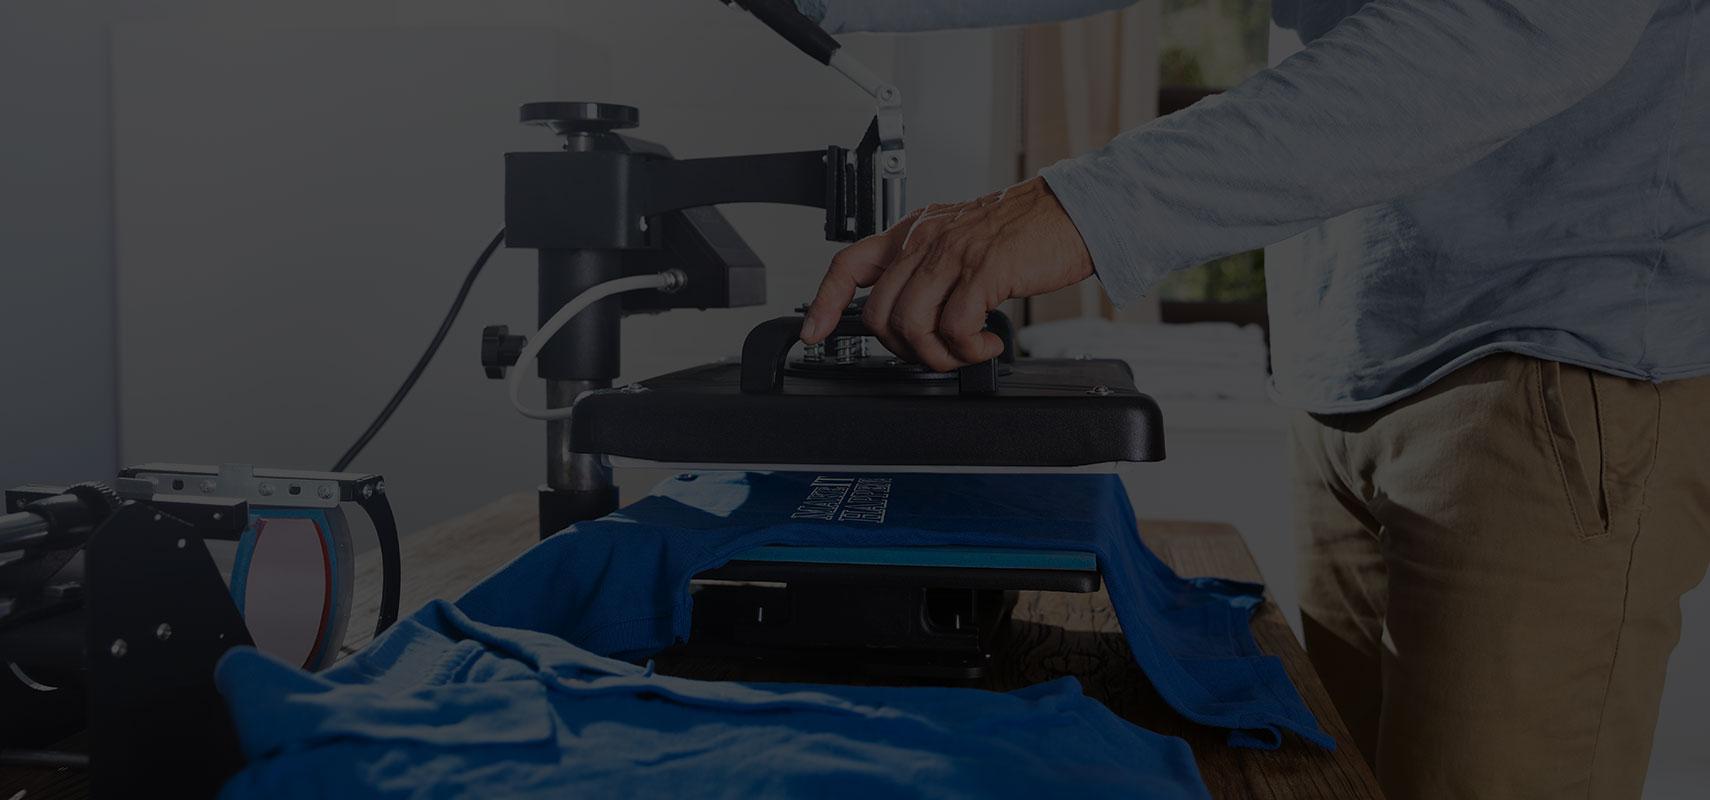 Textile personnalisé pour votre entreprise